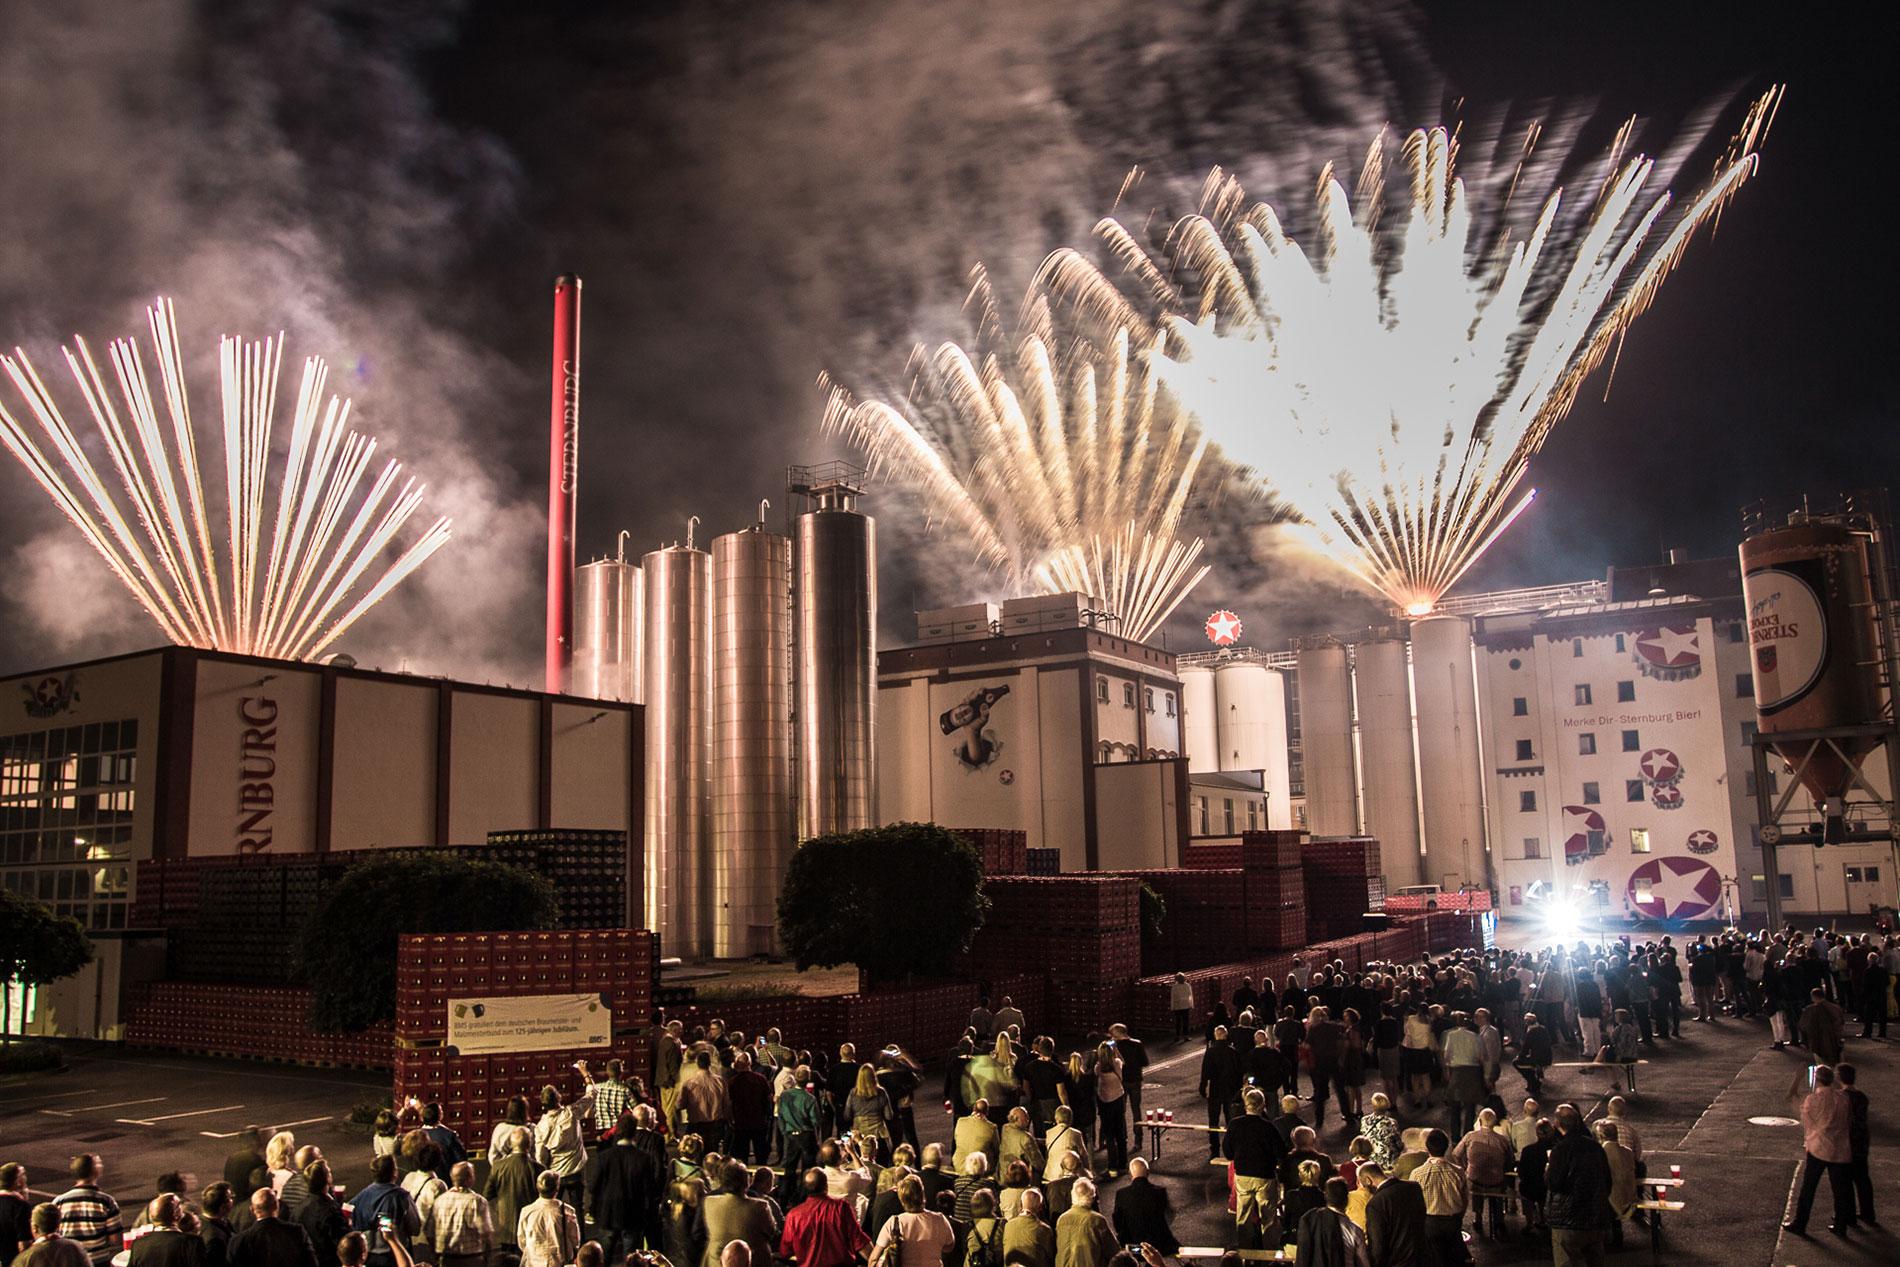 Sternburg Brauerei Feuerwerk